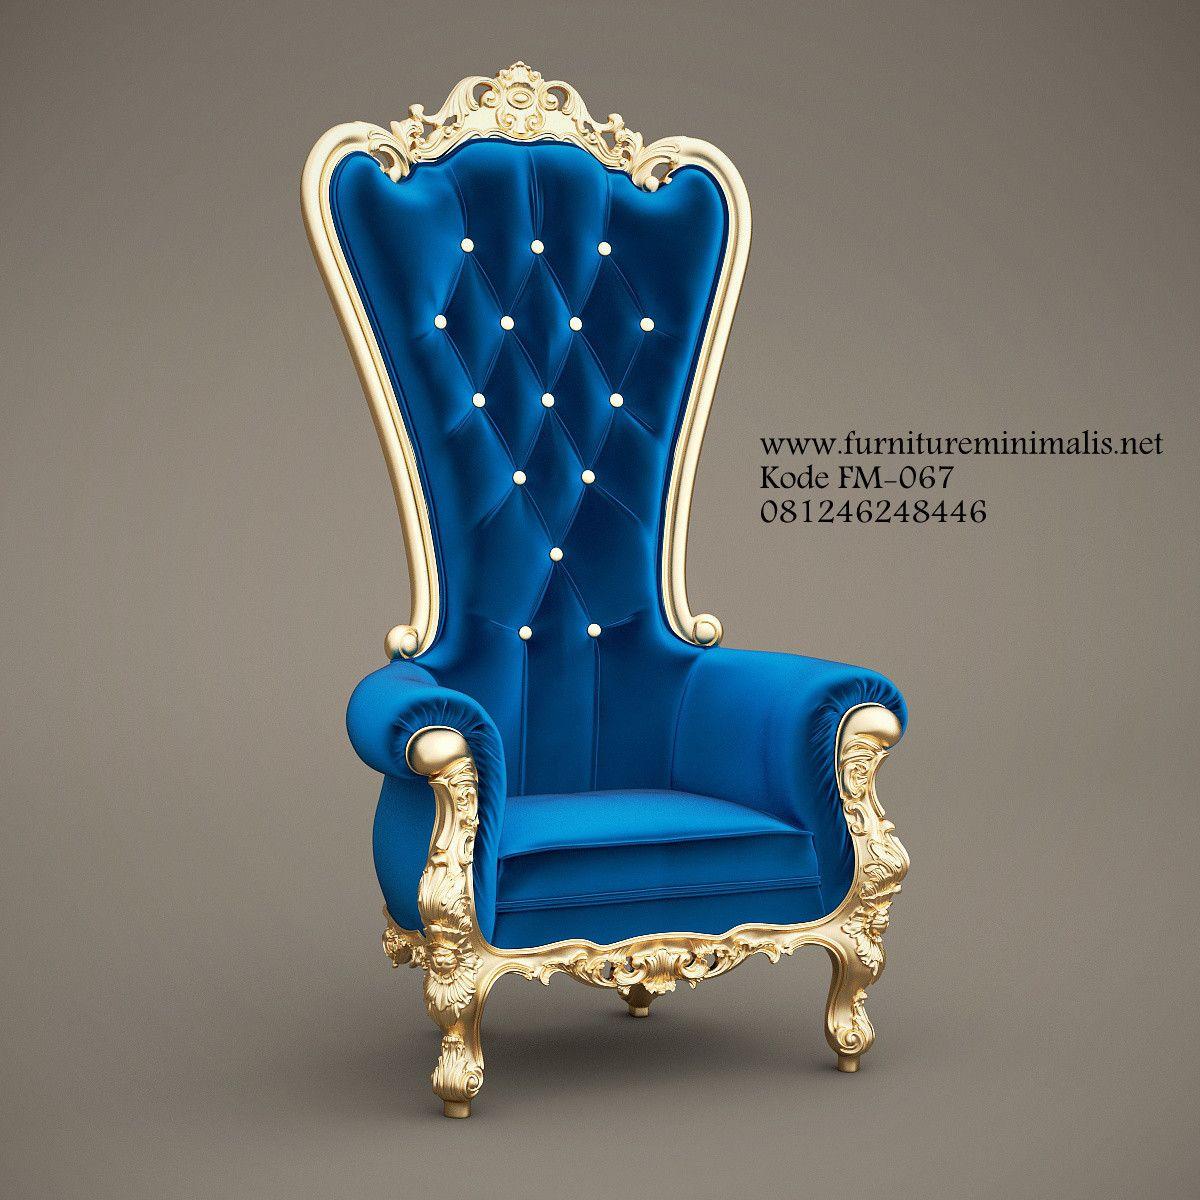 Desain Kursi Sofa Dengan Model Syahrini Mewah Gold Metal